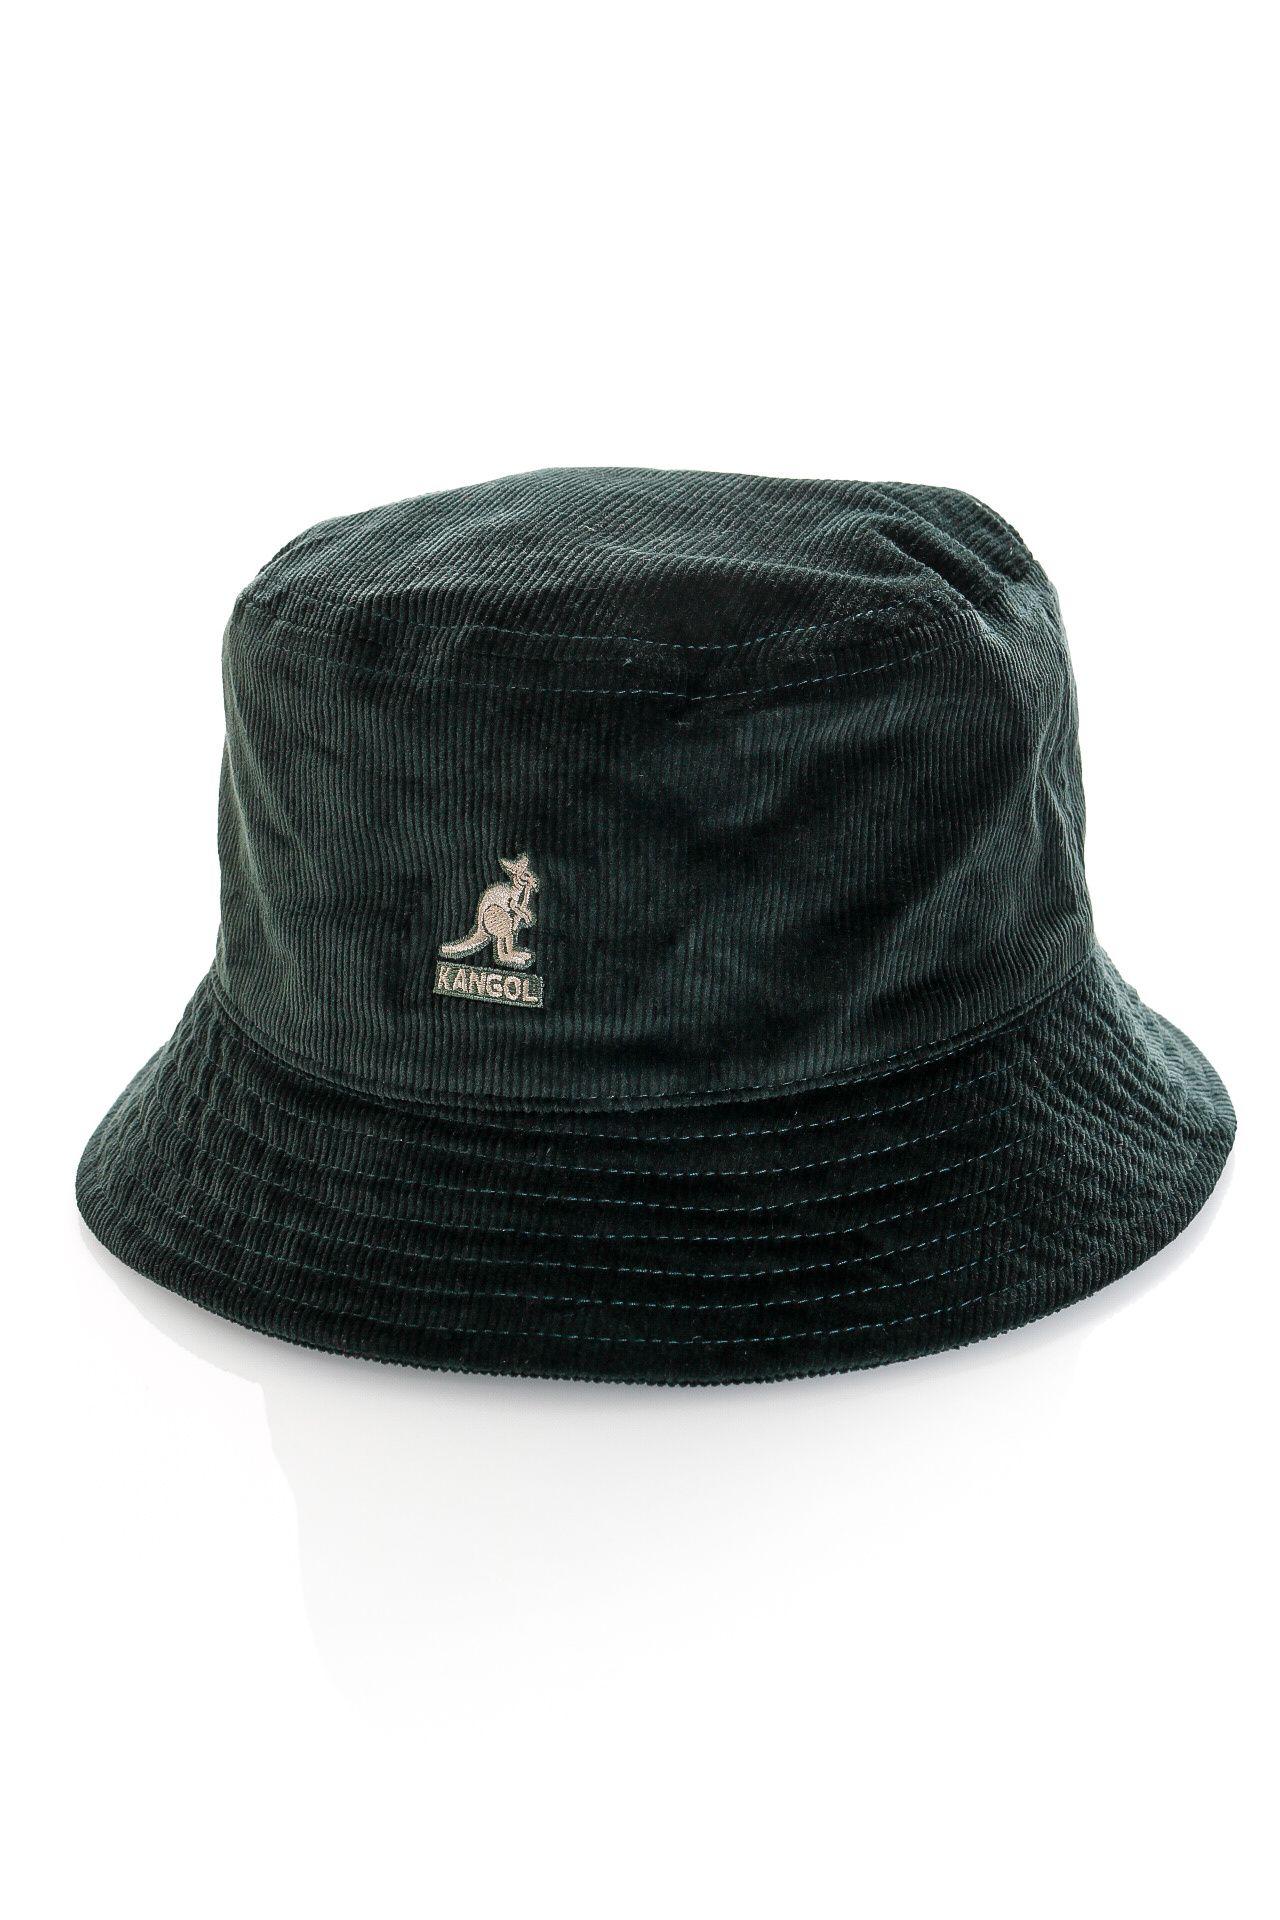 Afbeelding van Kangol Bucket Hat Cord Forrester K4228HT